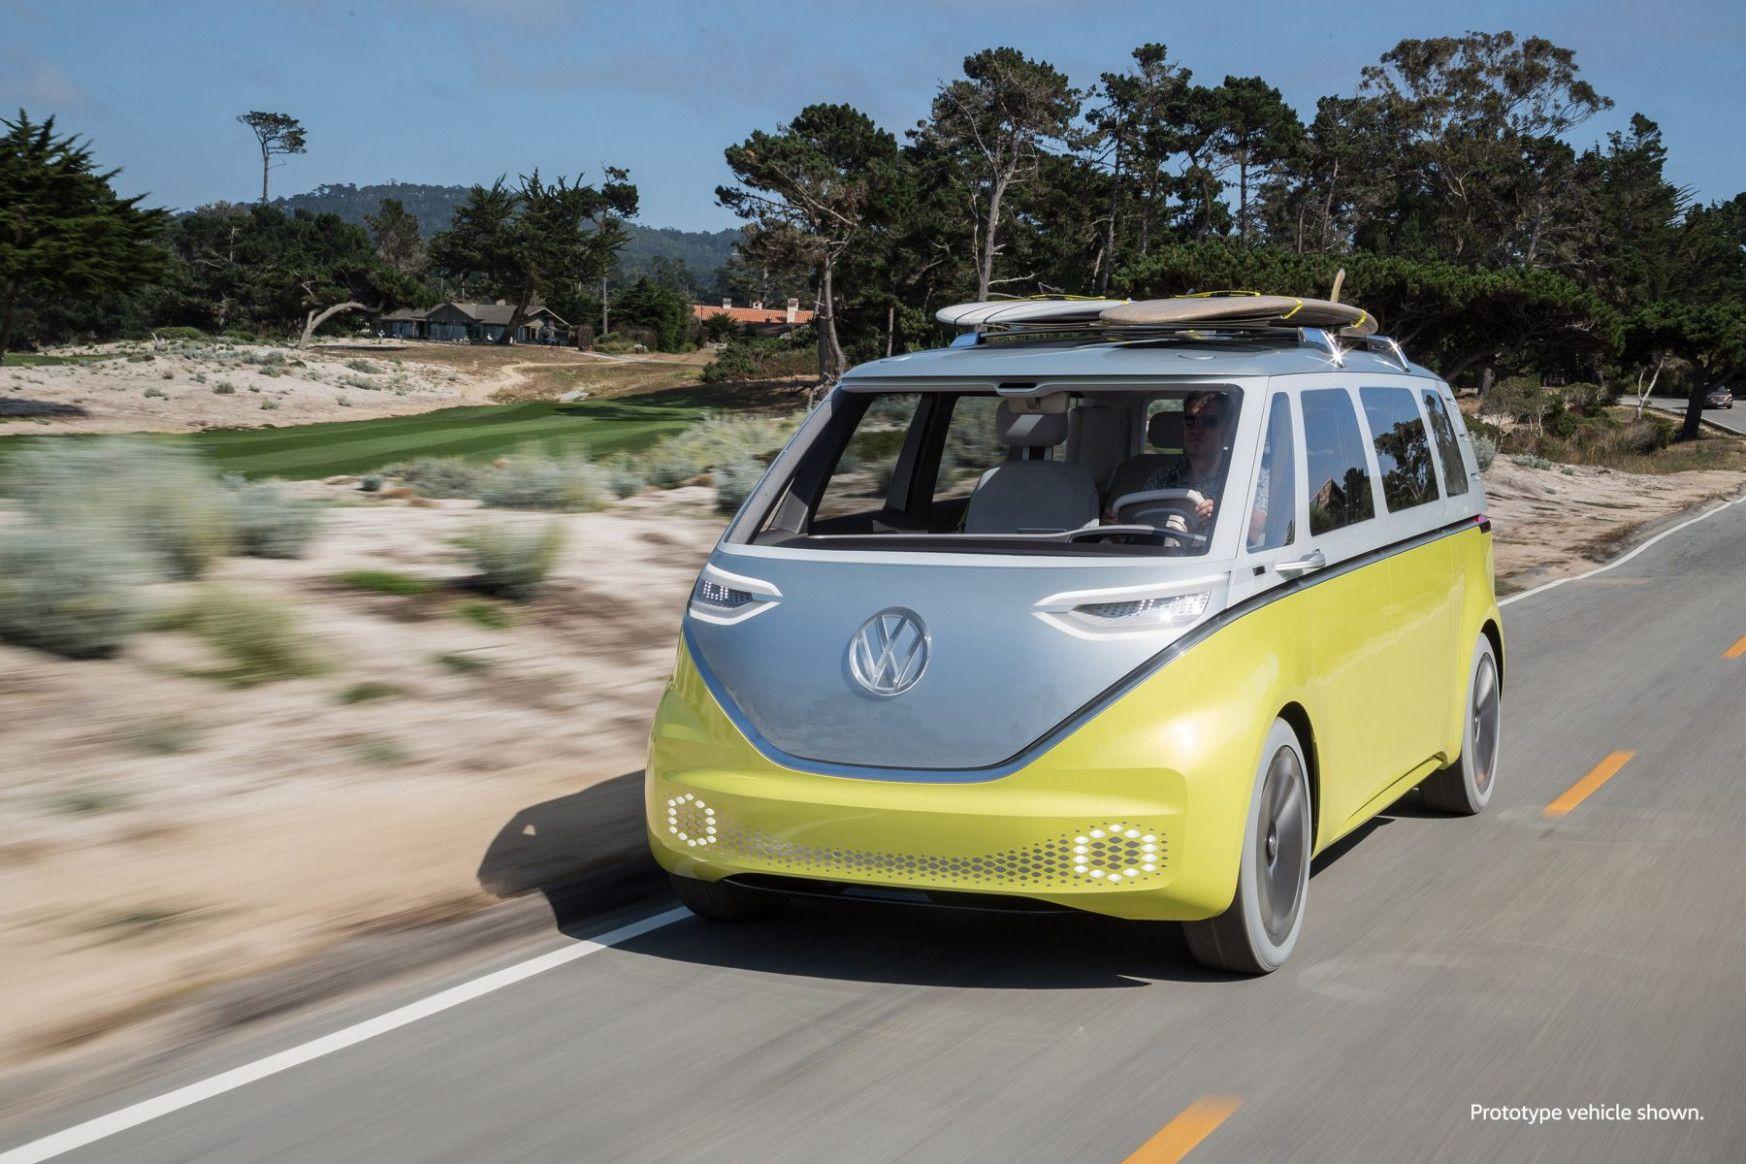 9 Picture Volkswagen Bus 2020 Price In 2020 Volkswagen Volkswagen Van Volkswagen Bus